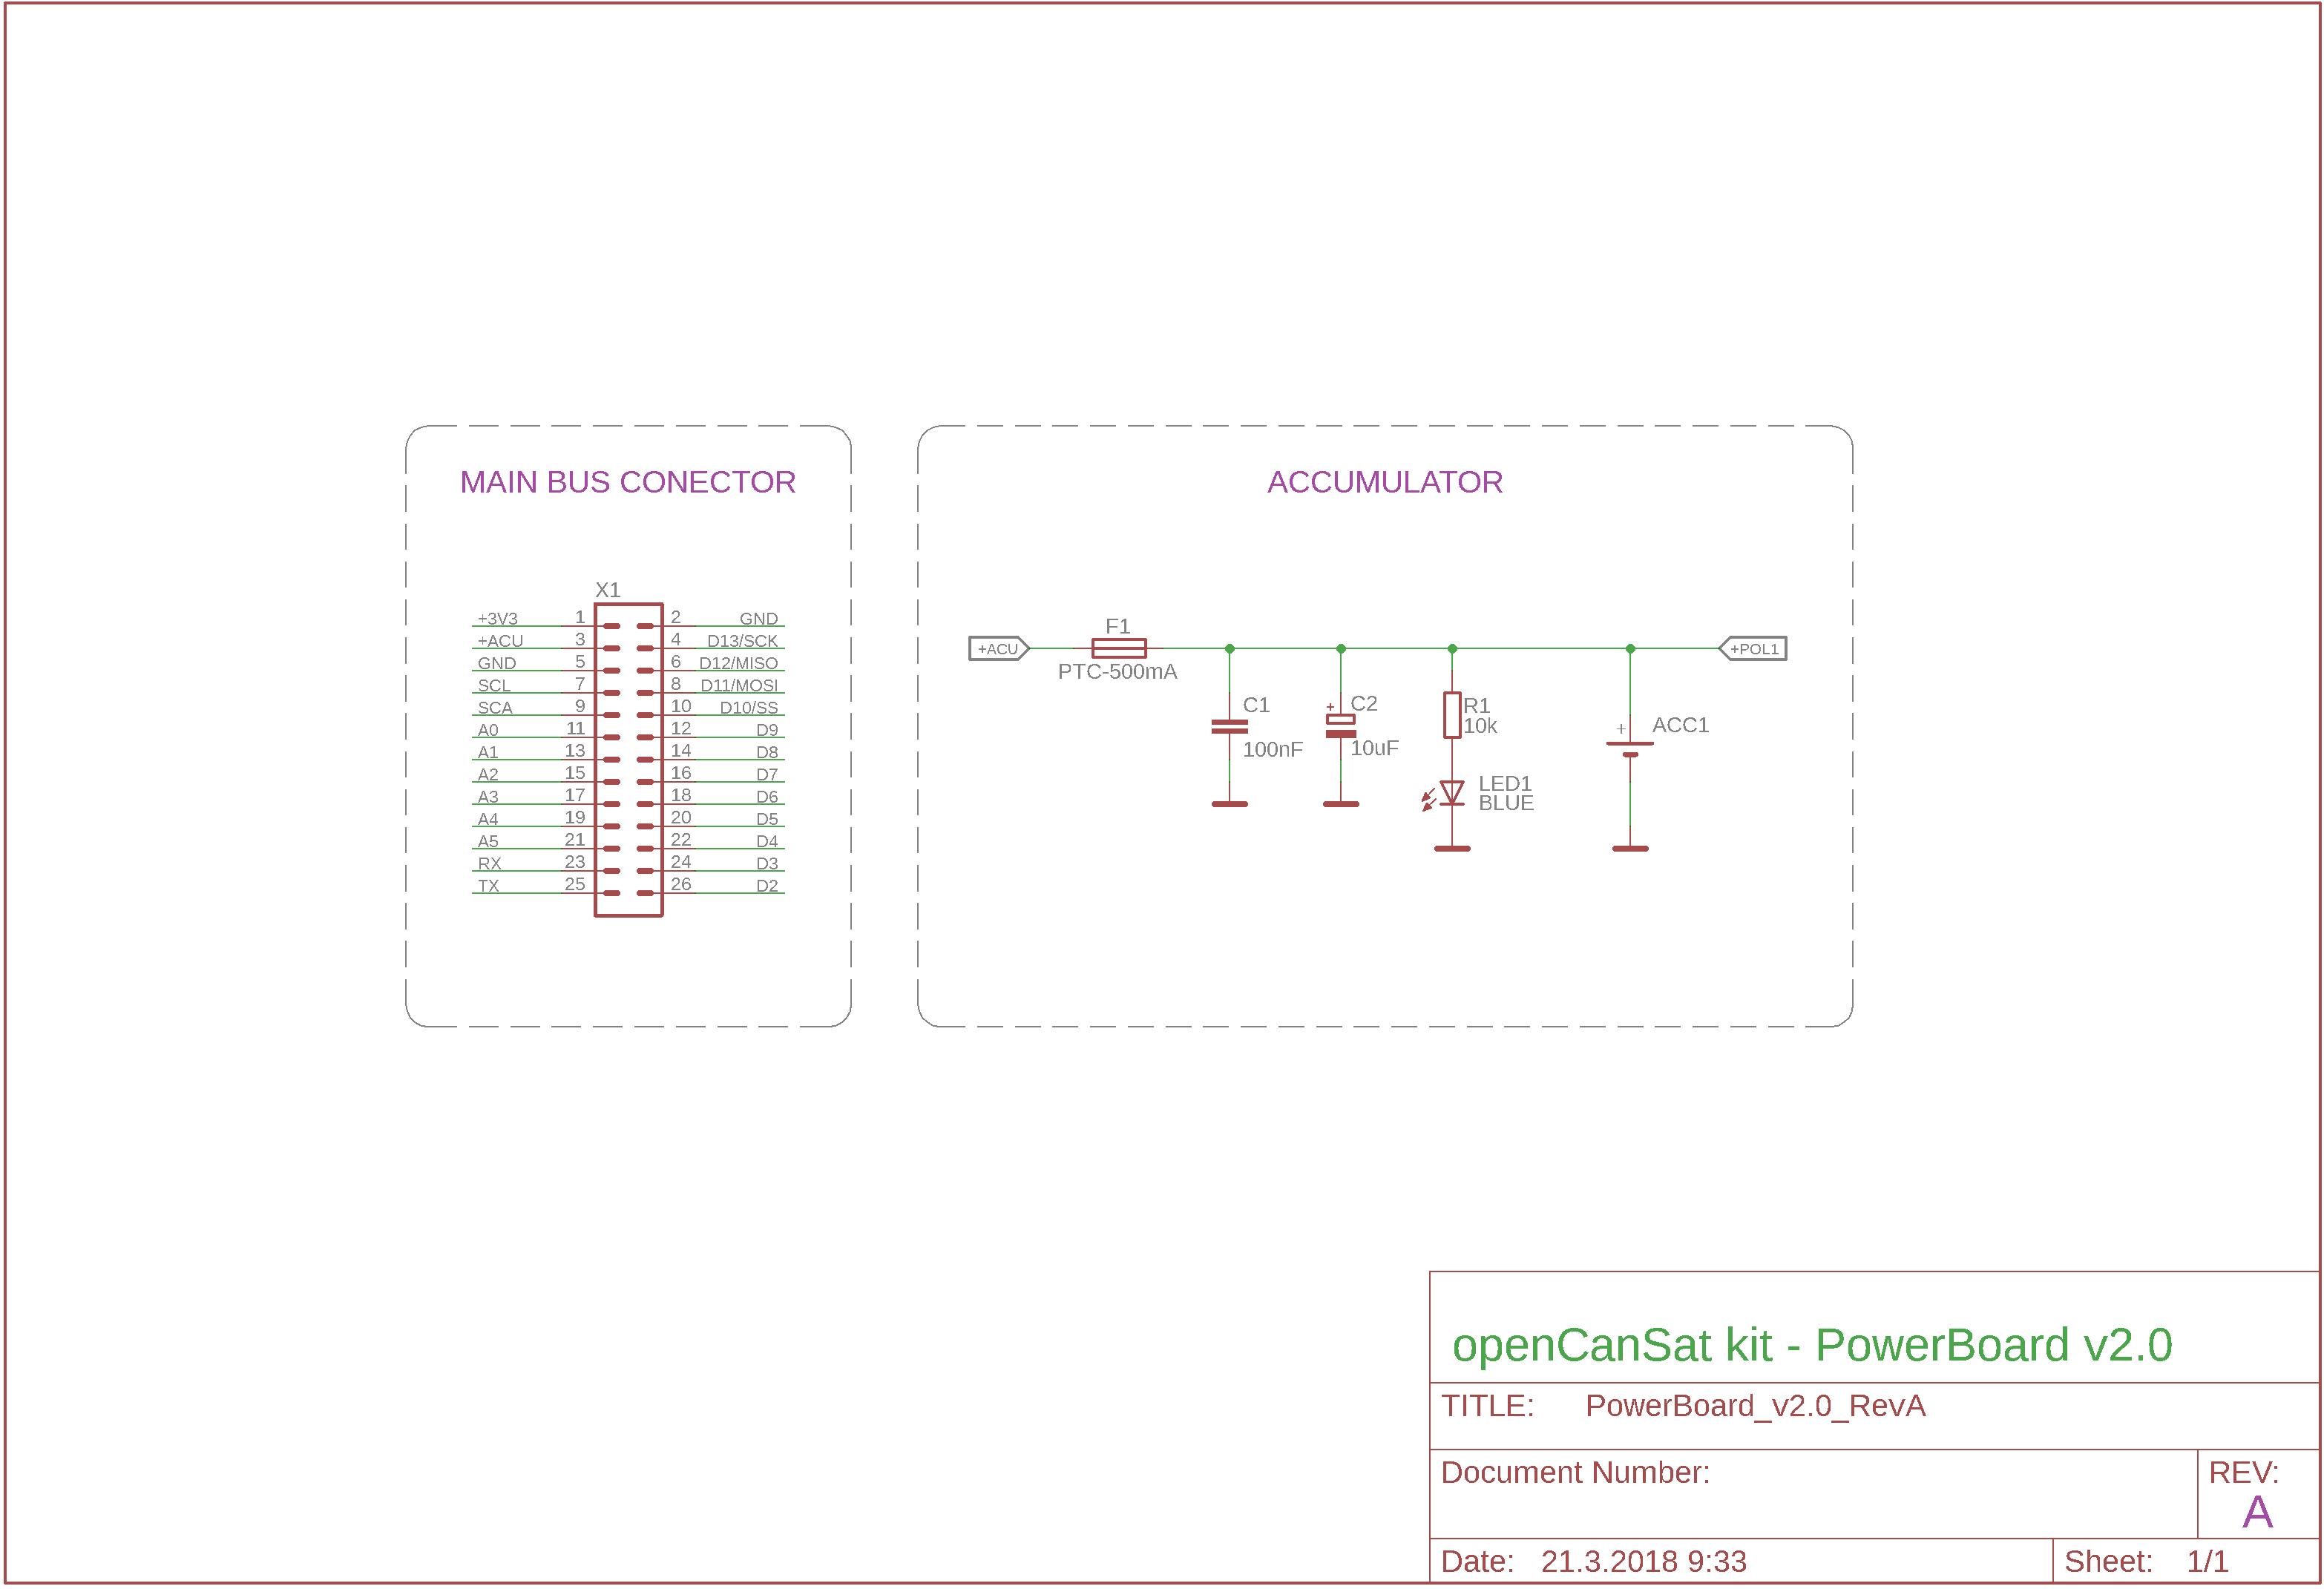 Hardware/Boards/PowerBoard_v2.0_RevA/PNGview/PowerBoard_v2.0_RevA_SCH.png